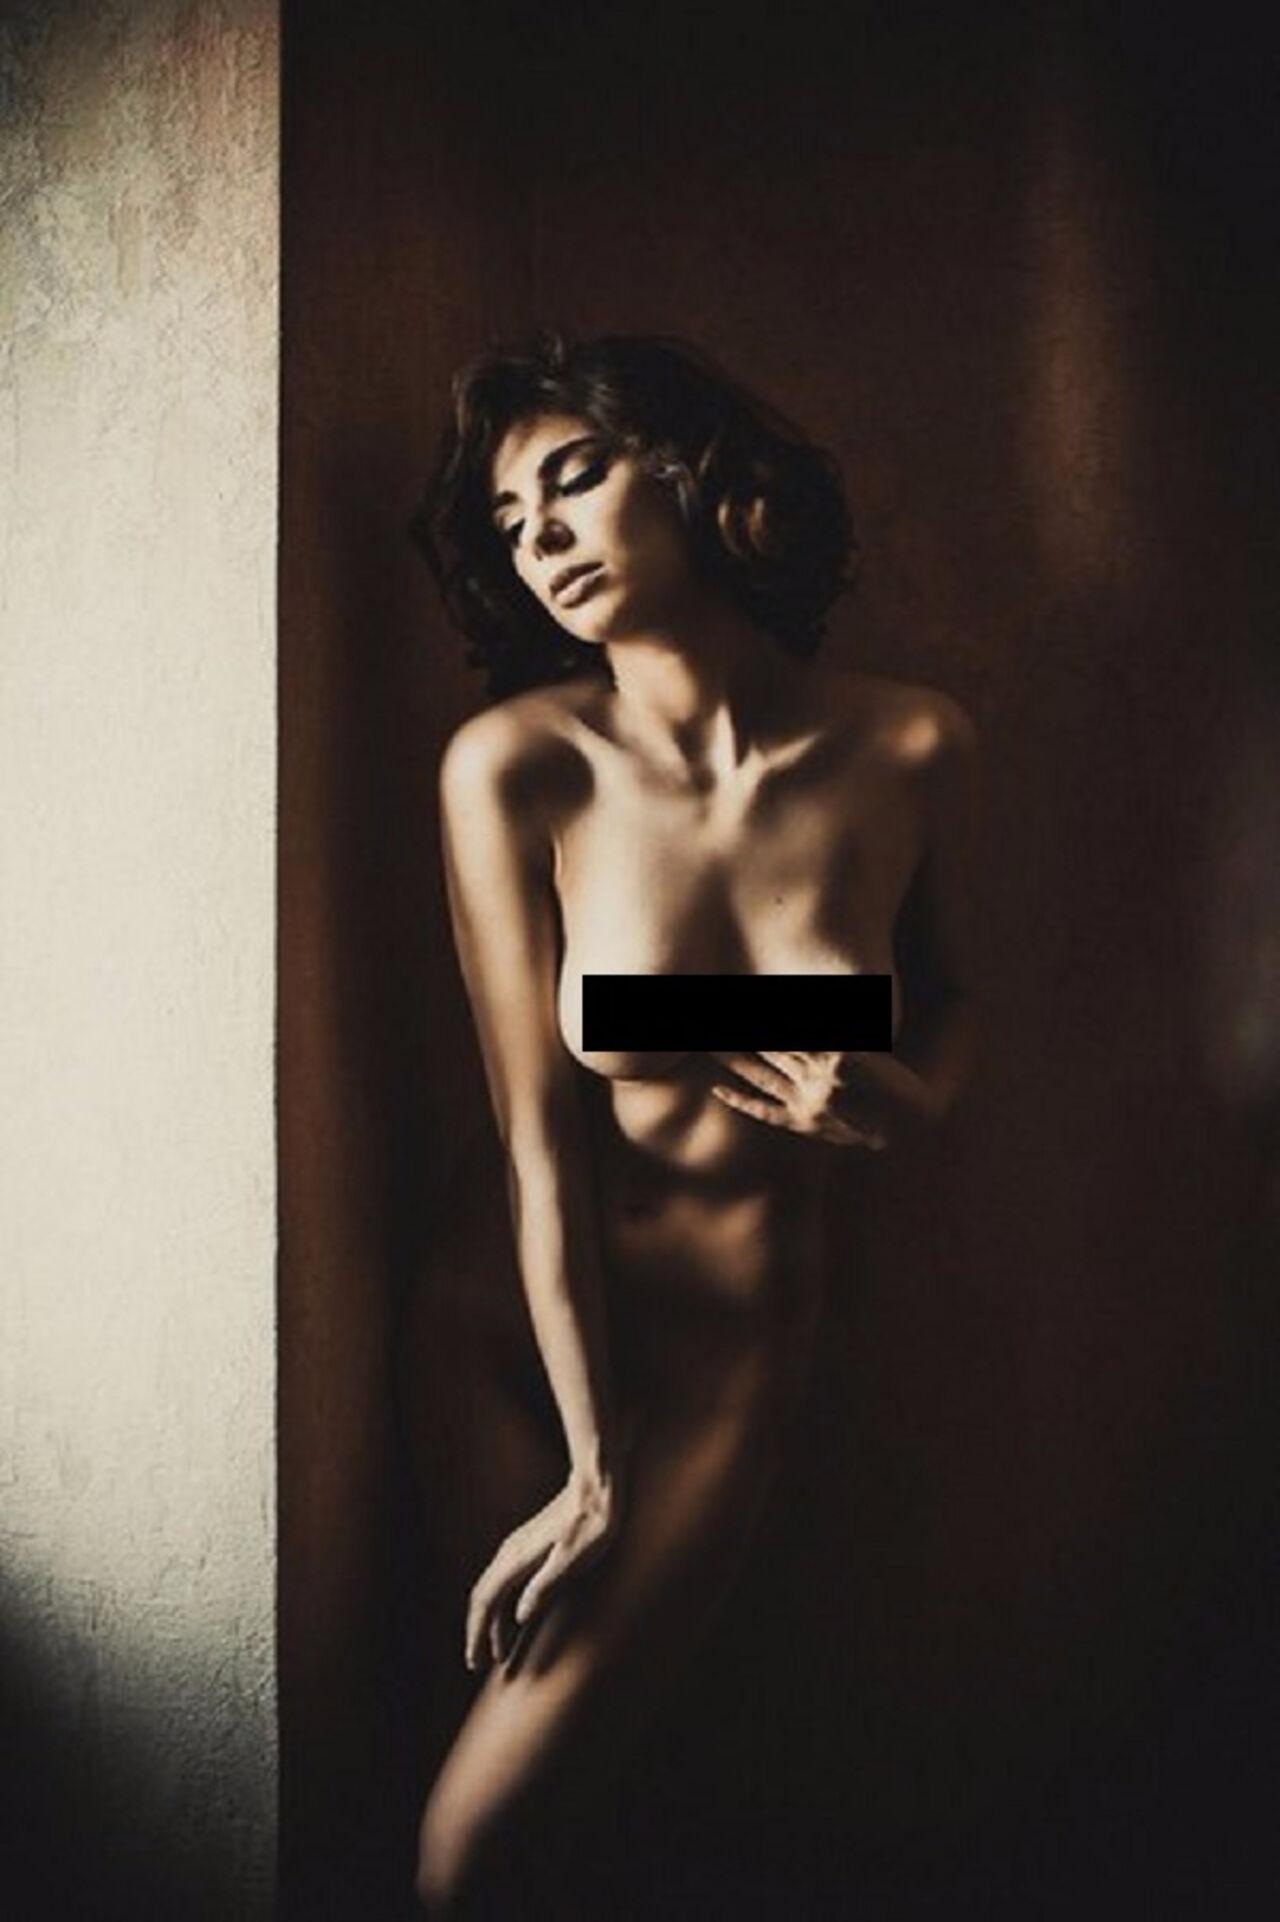 Секс фото из ульяновска 16 фотография